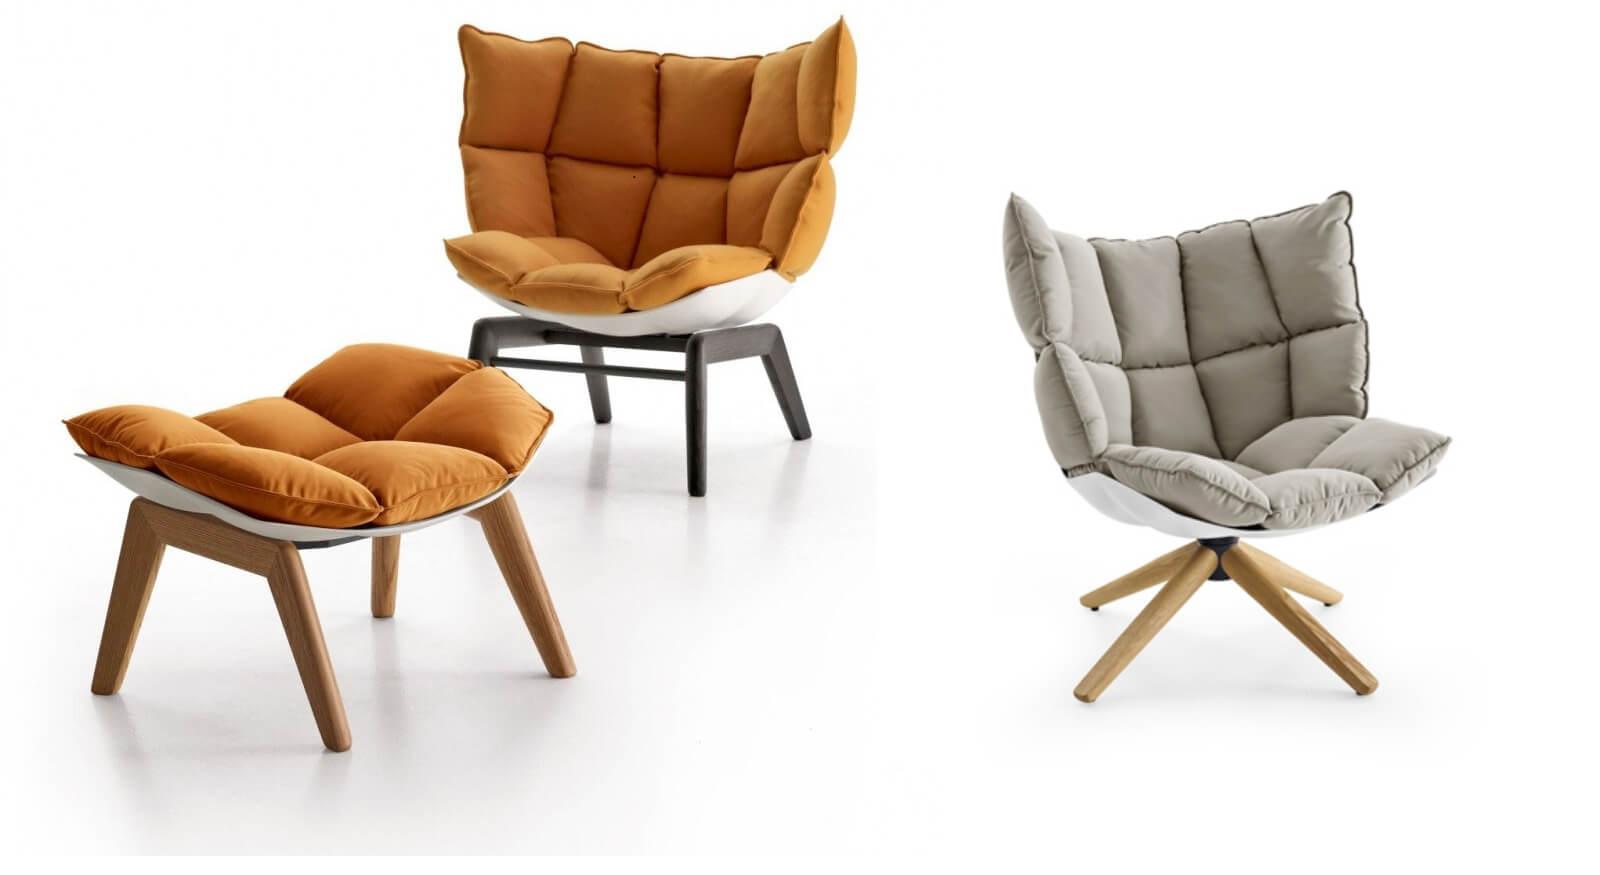 Chair designs 8